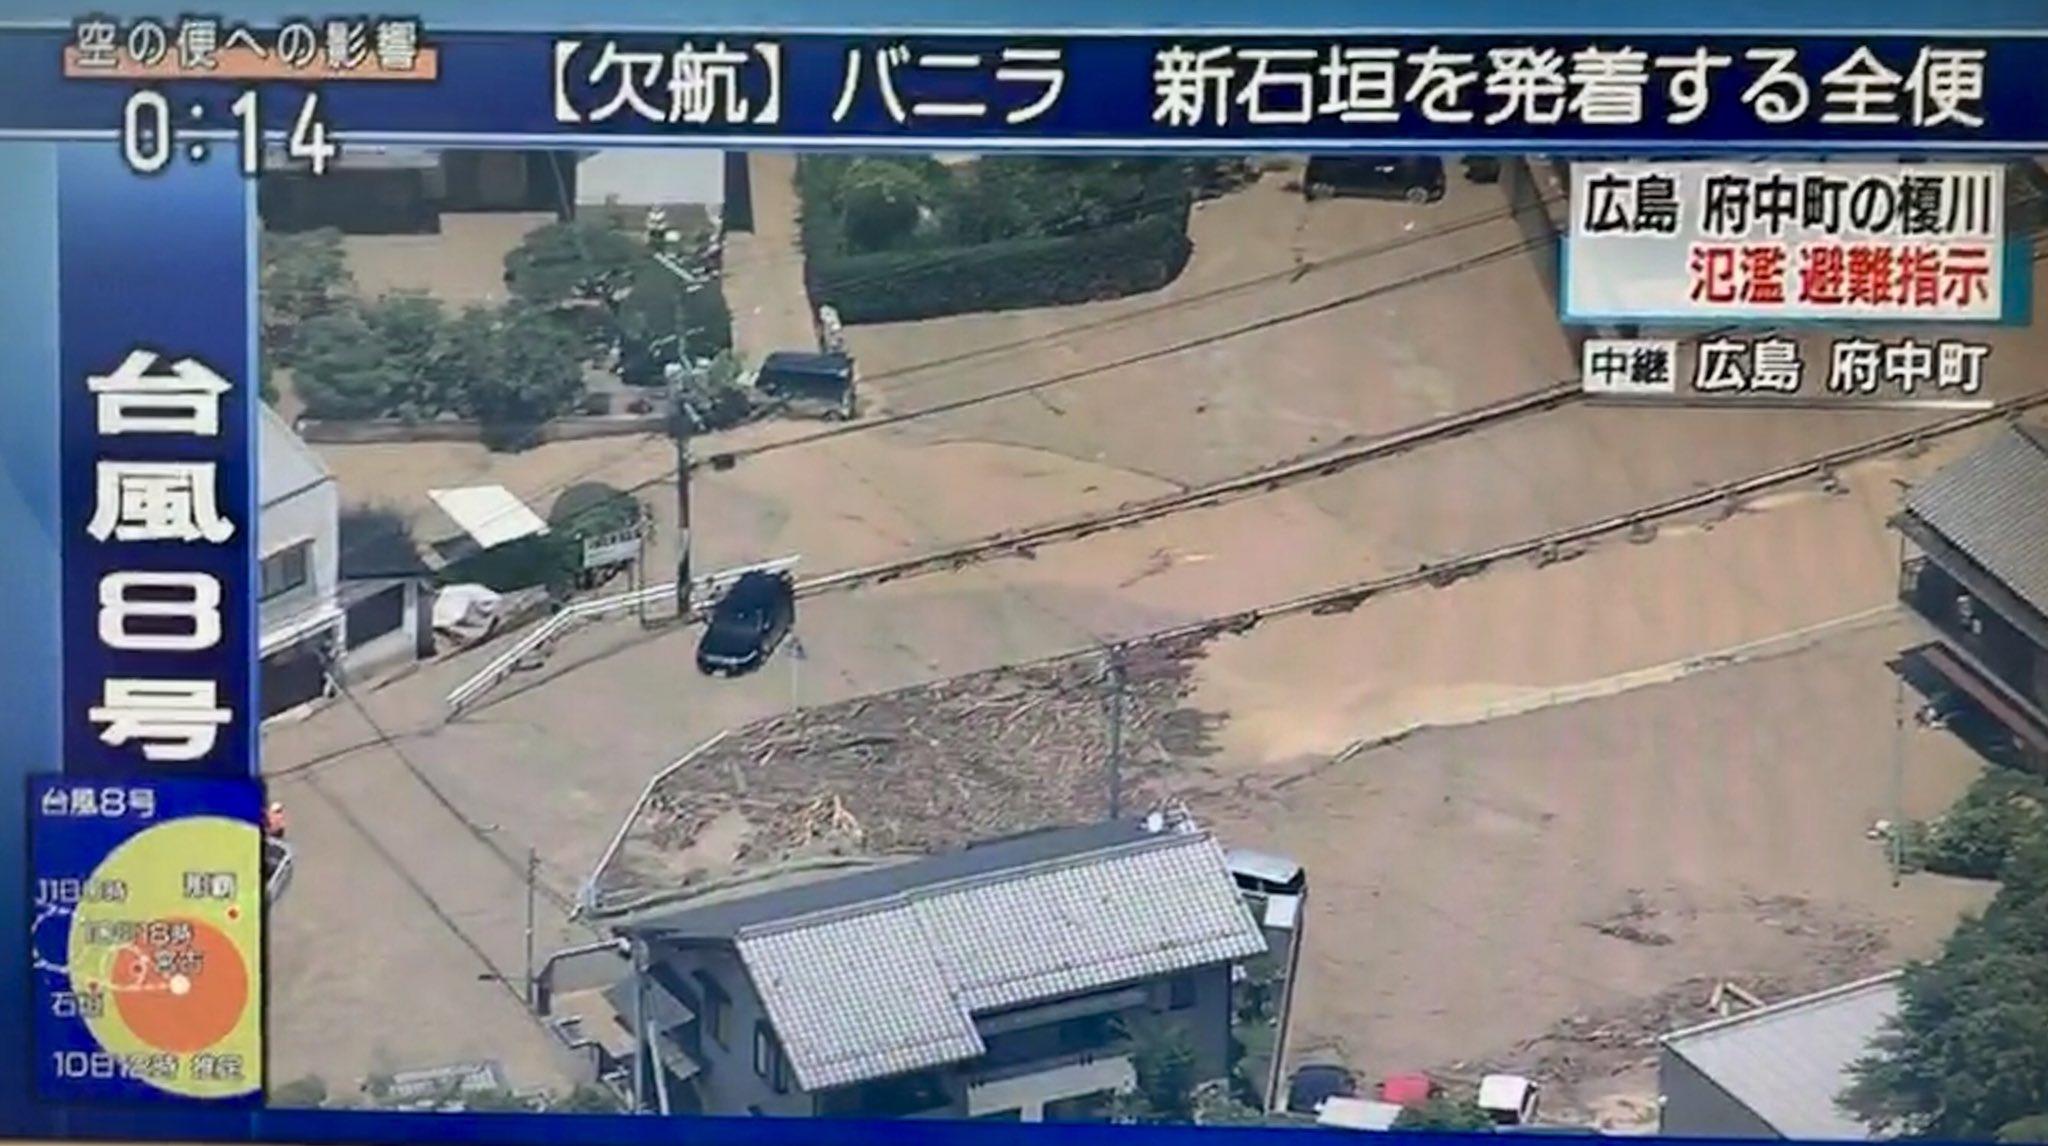 画像,広島 府中町の榎川氾濫#西日本豪雨災害#広島 https://t.co/Mv5NnKMkL6。